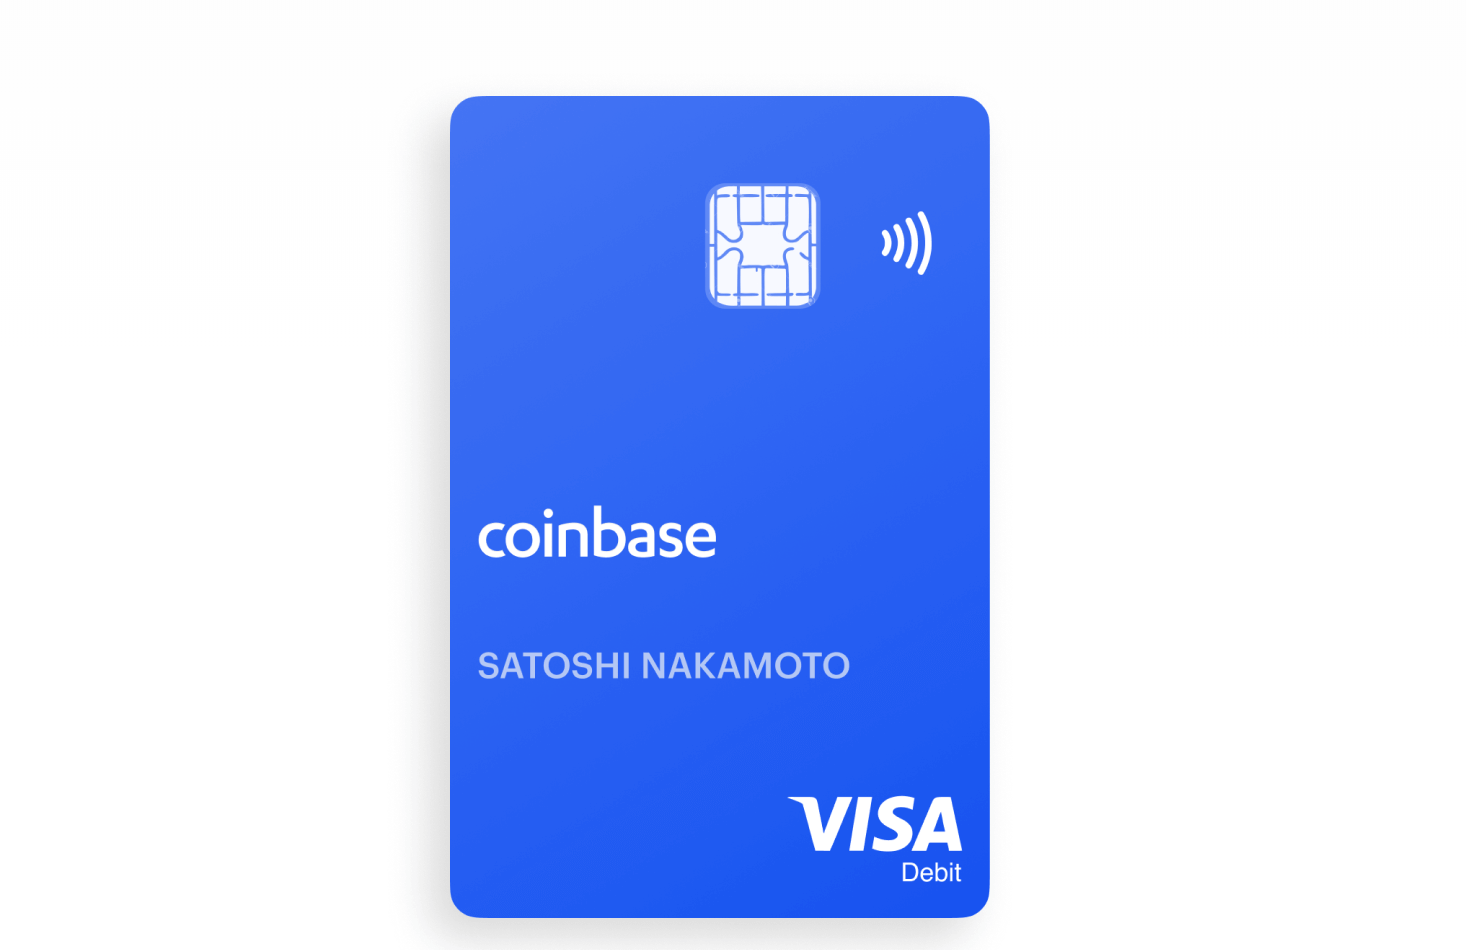 coinbase crypto card